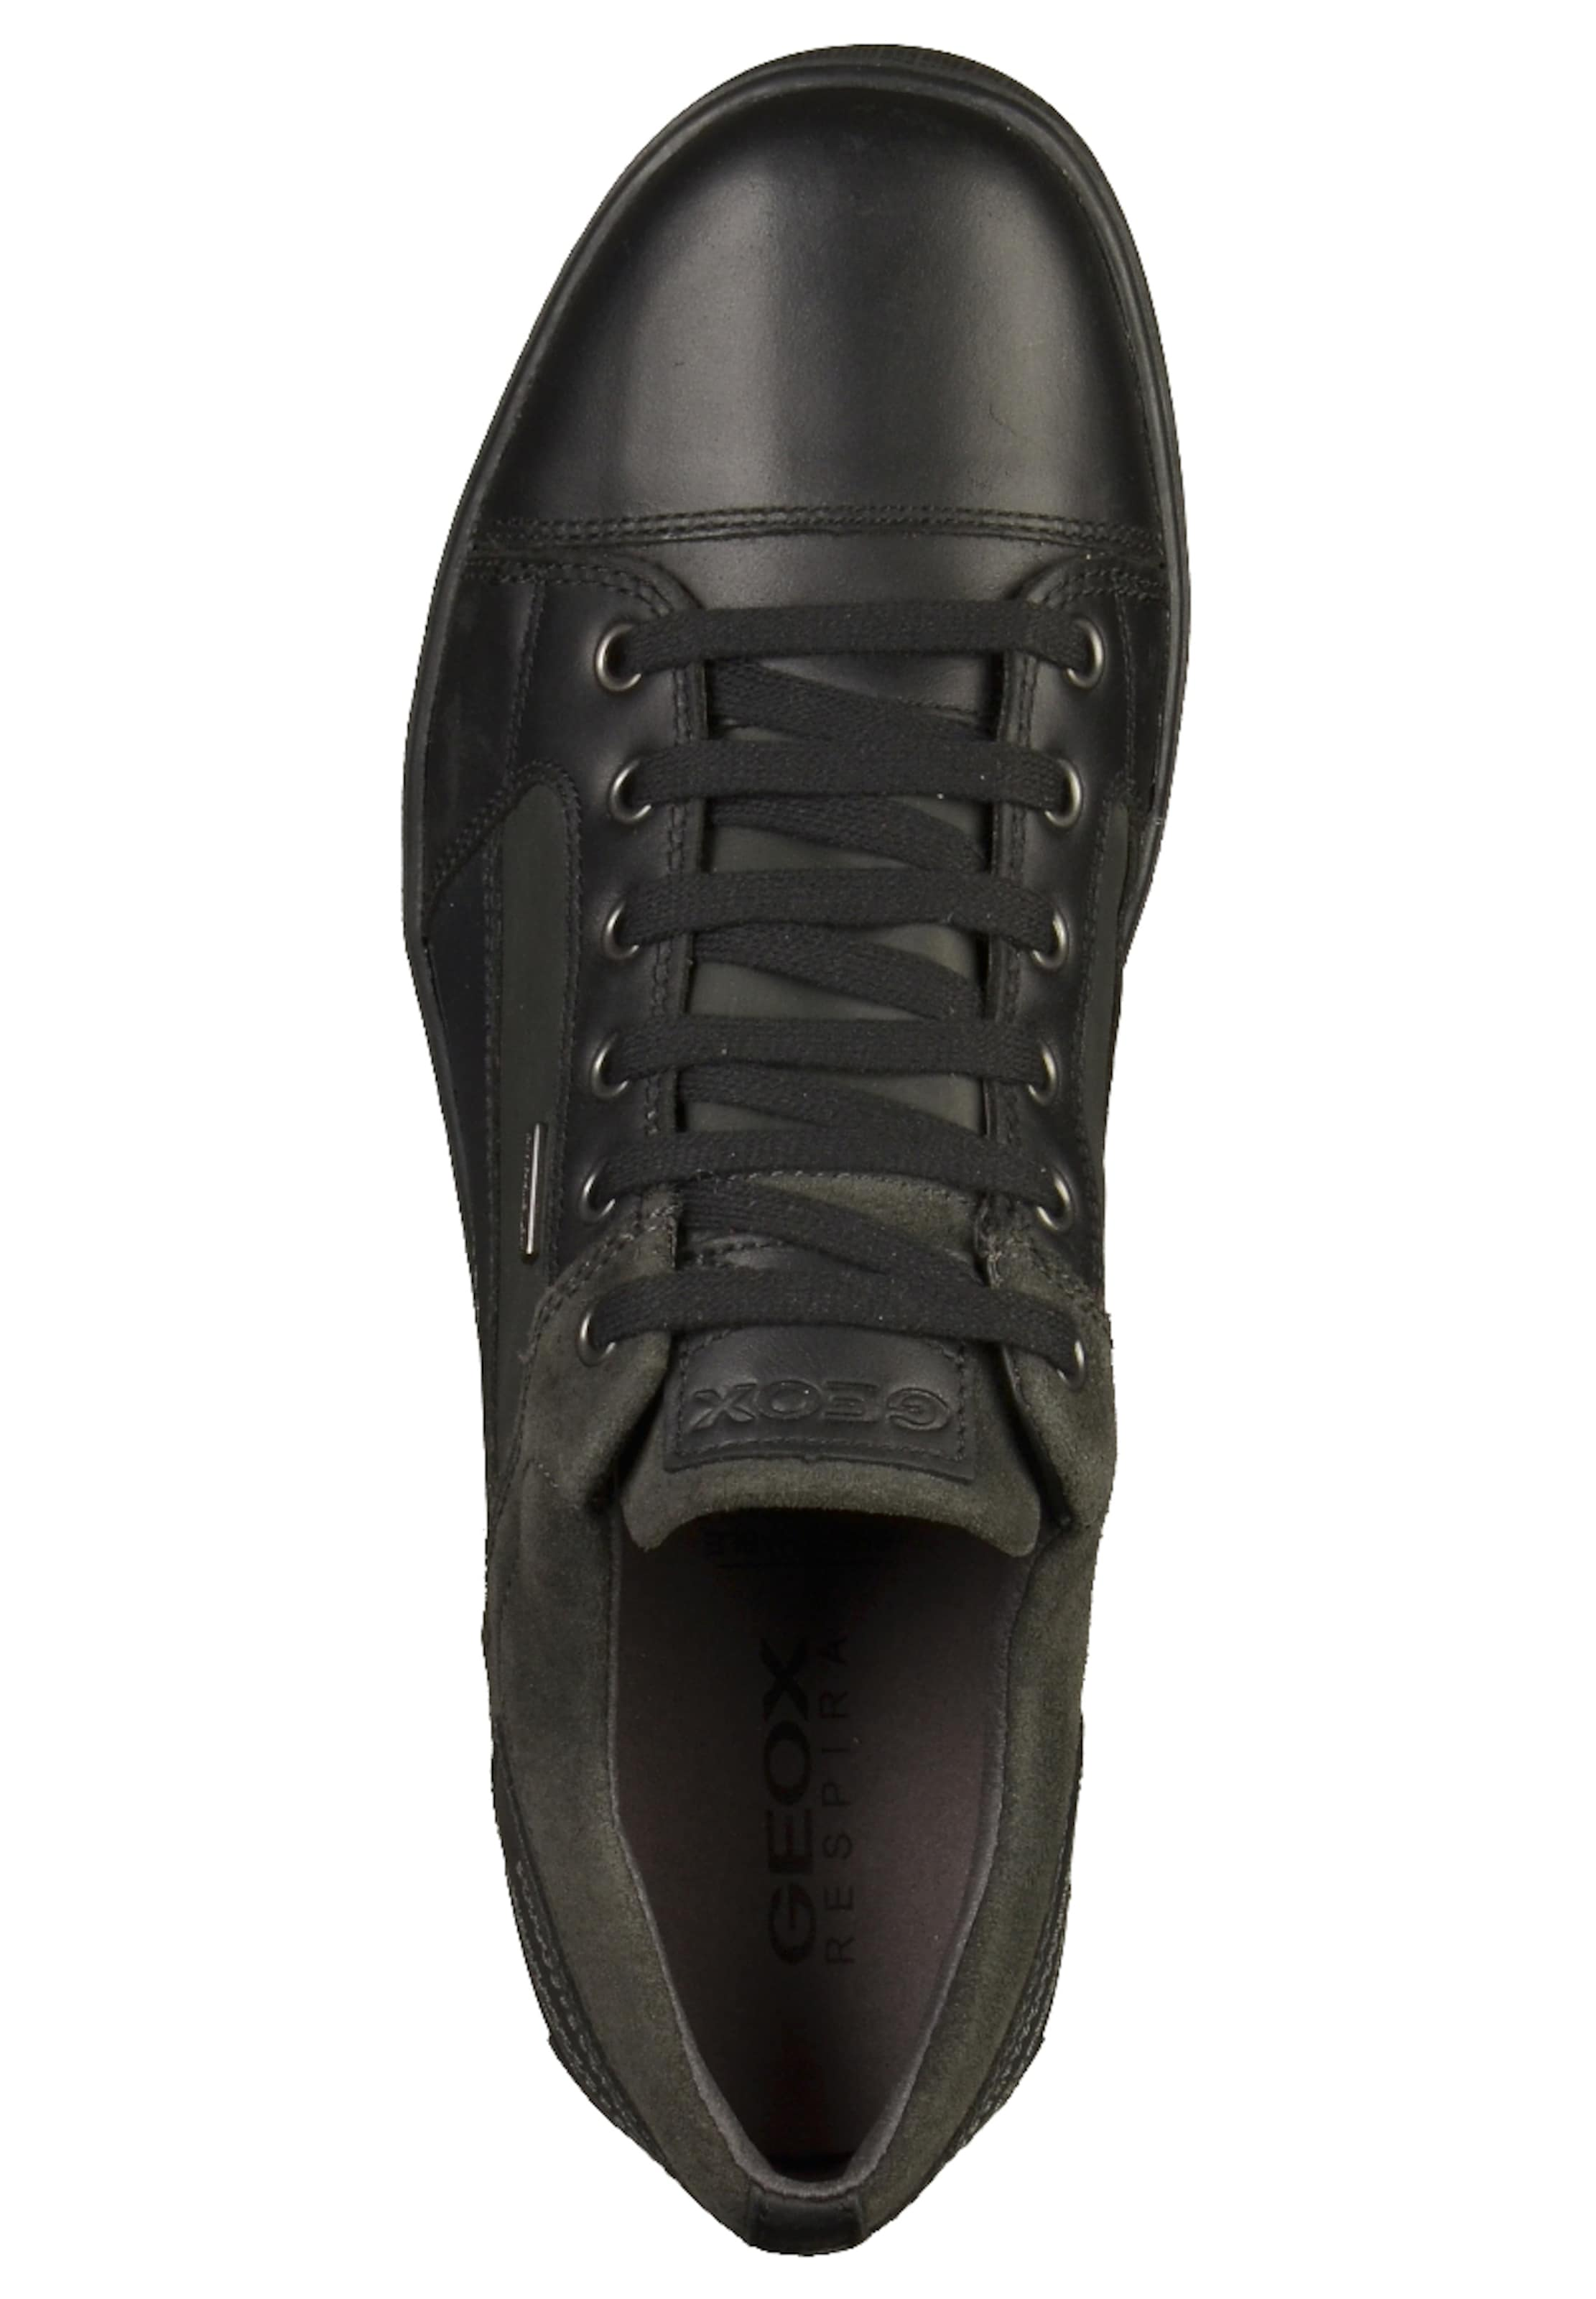 Sneaker Geox Schwarz Geox Geox In Schwarz In Sneaker 2YWHDIe9E